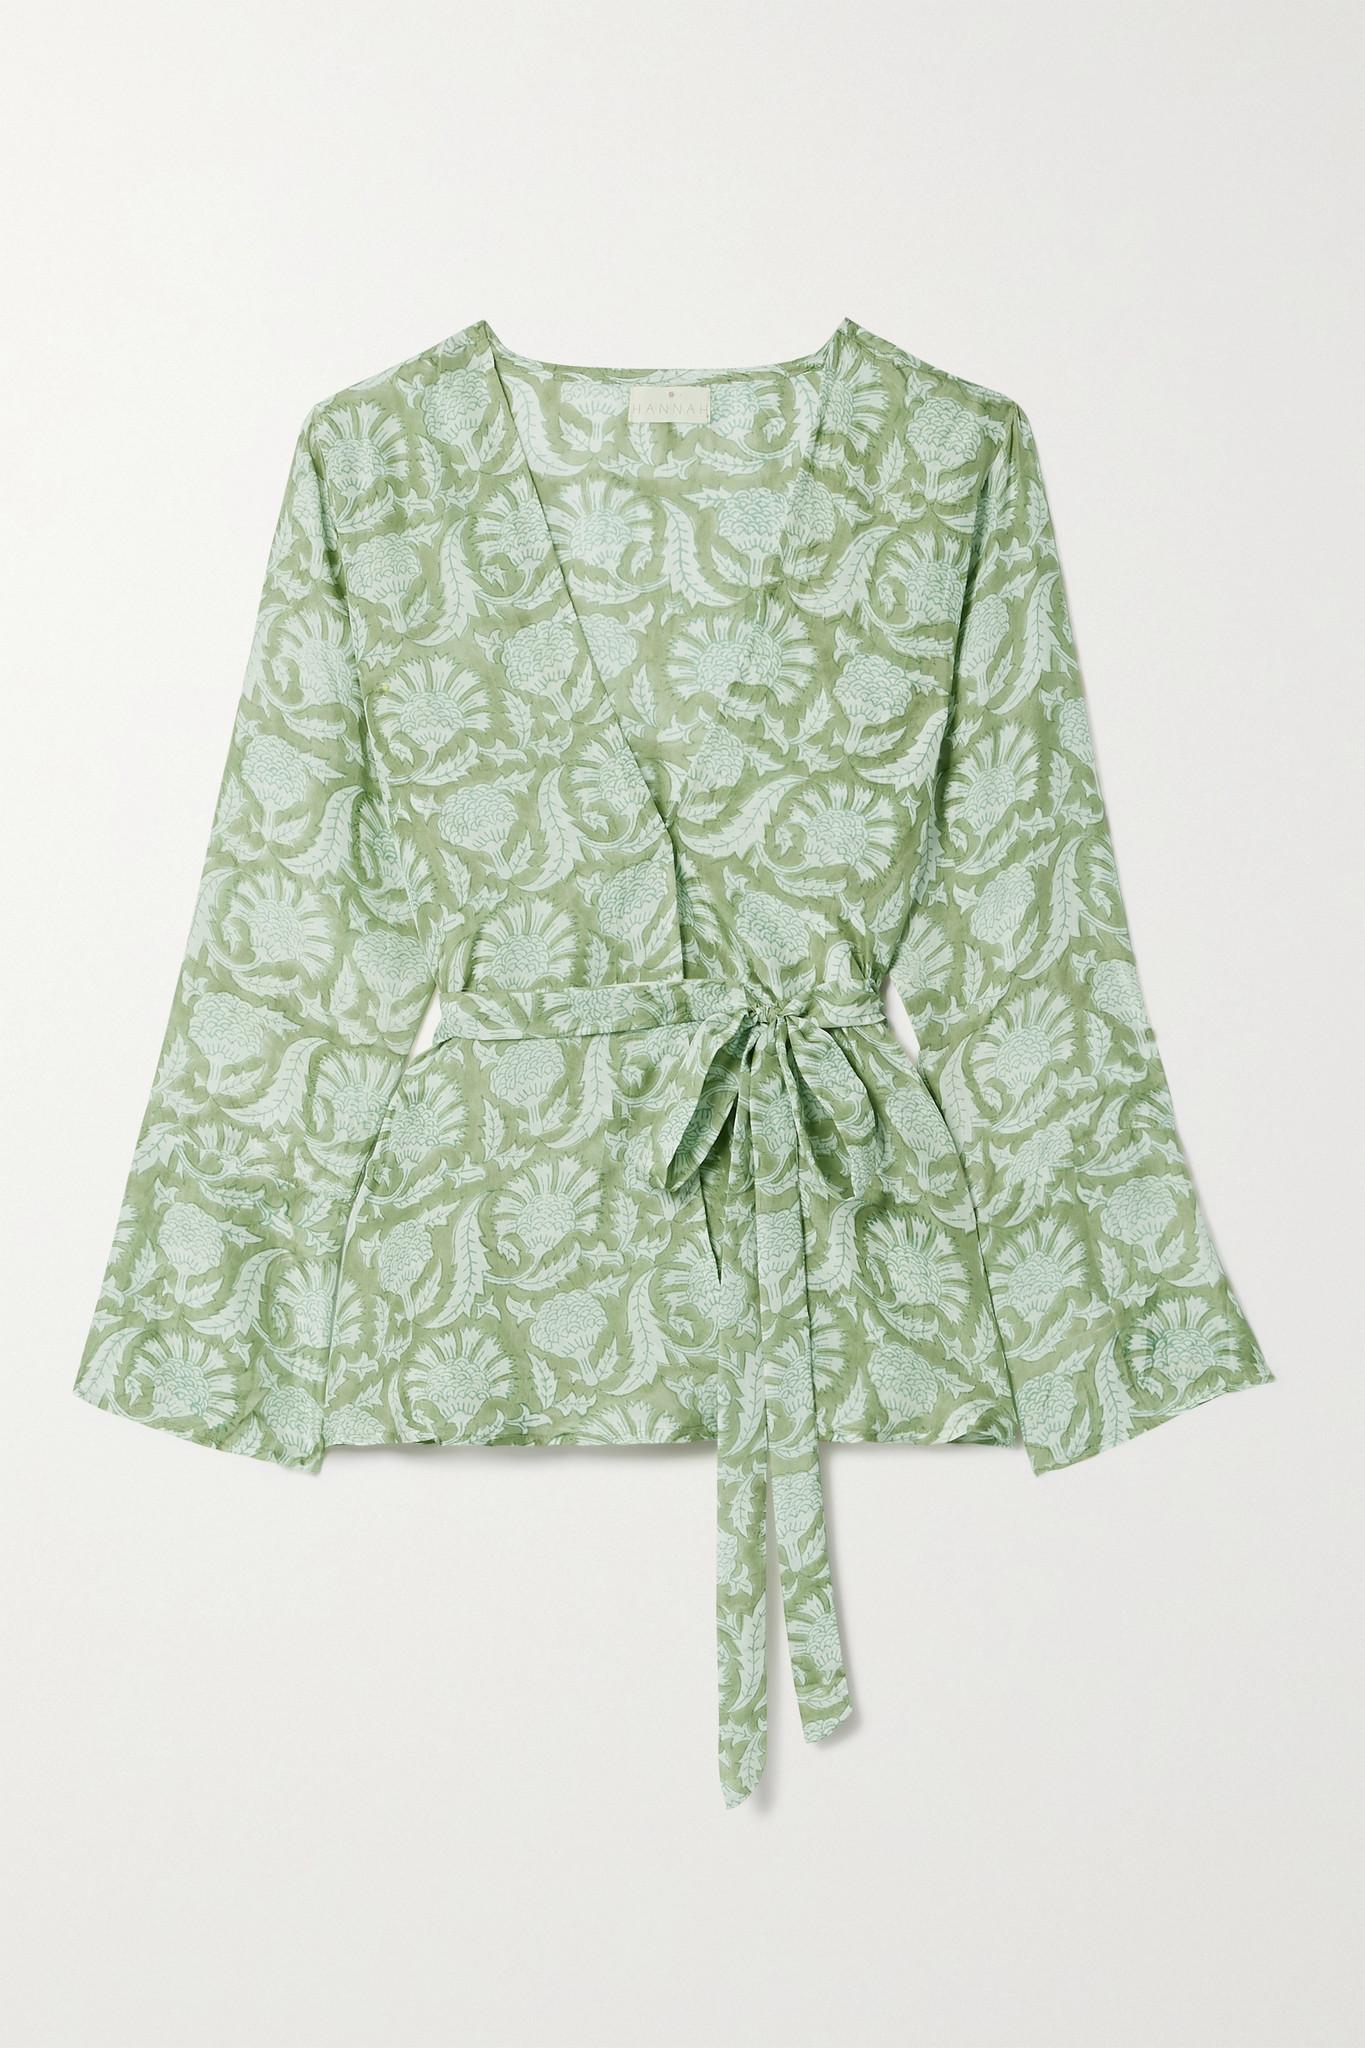 HANNAH ARTWEAR - 【net Sustain】maya 印花真丝裹身连衣裙 - 绿色 - One size